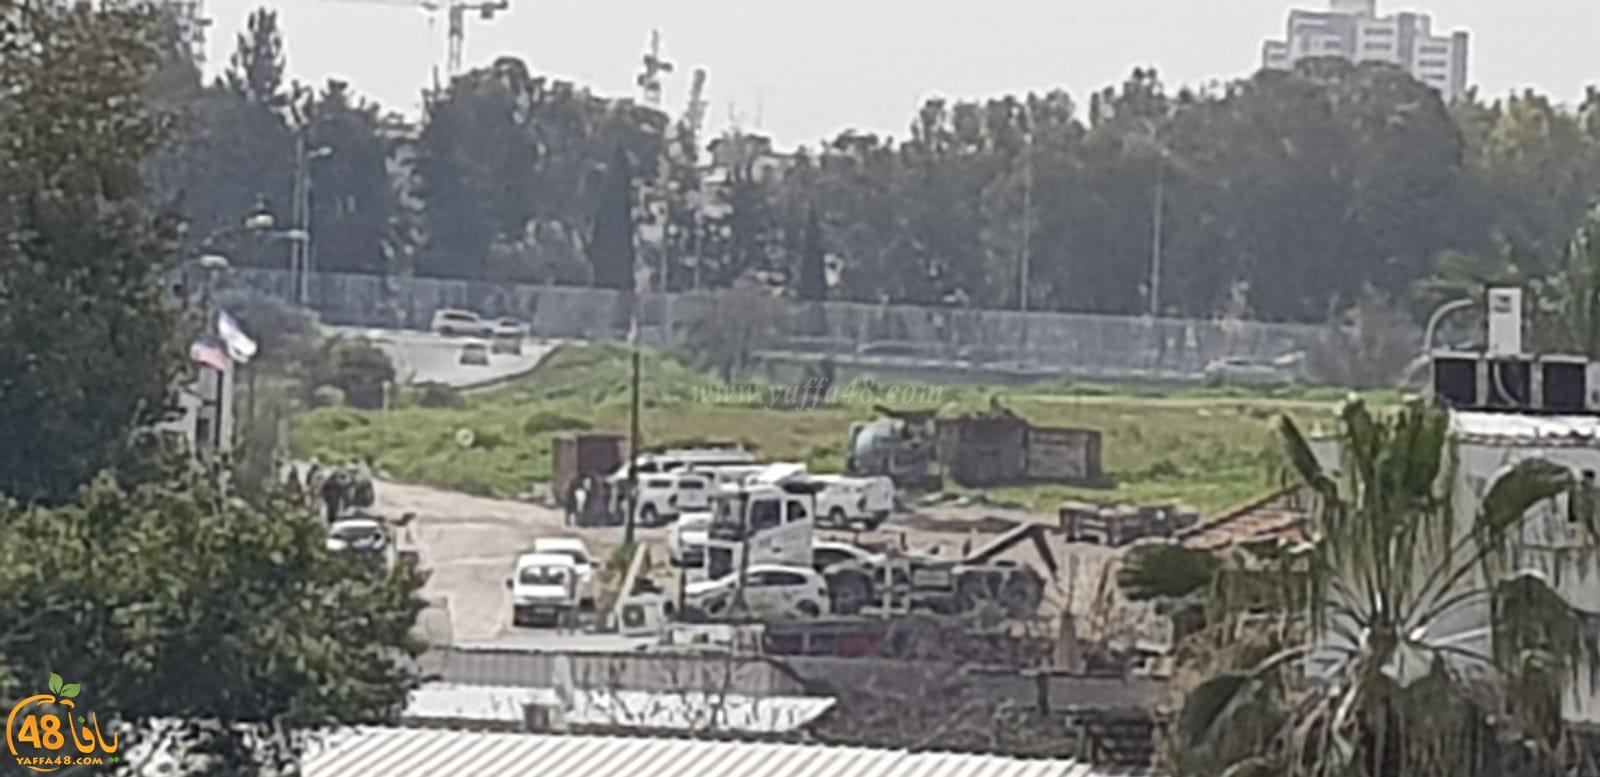 قوات كبيرة من الشرطة وموظفي الدوائر الحكومية تداهم قرية دهمش